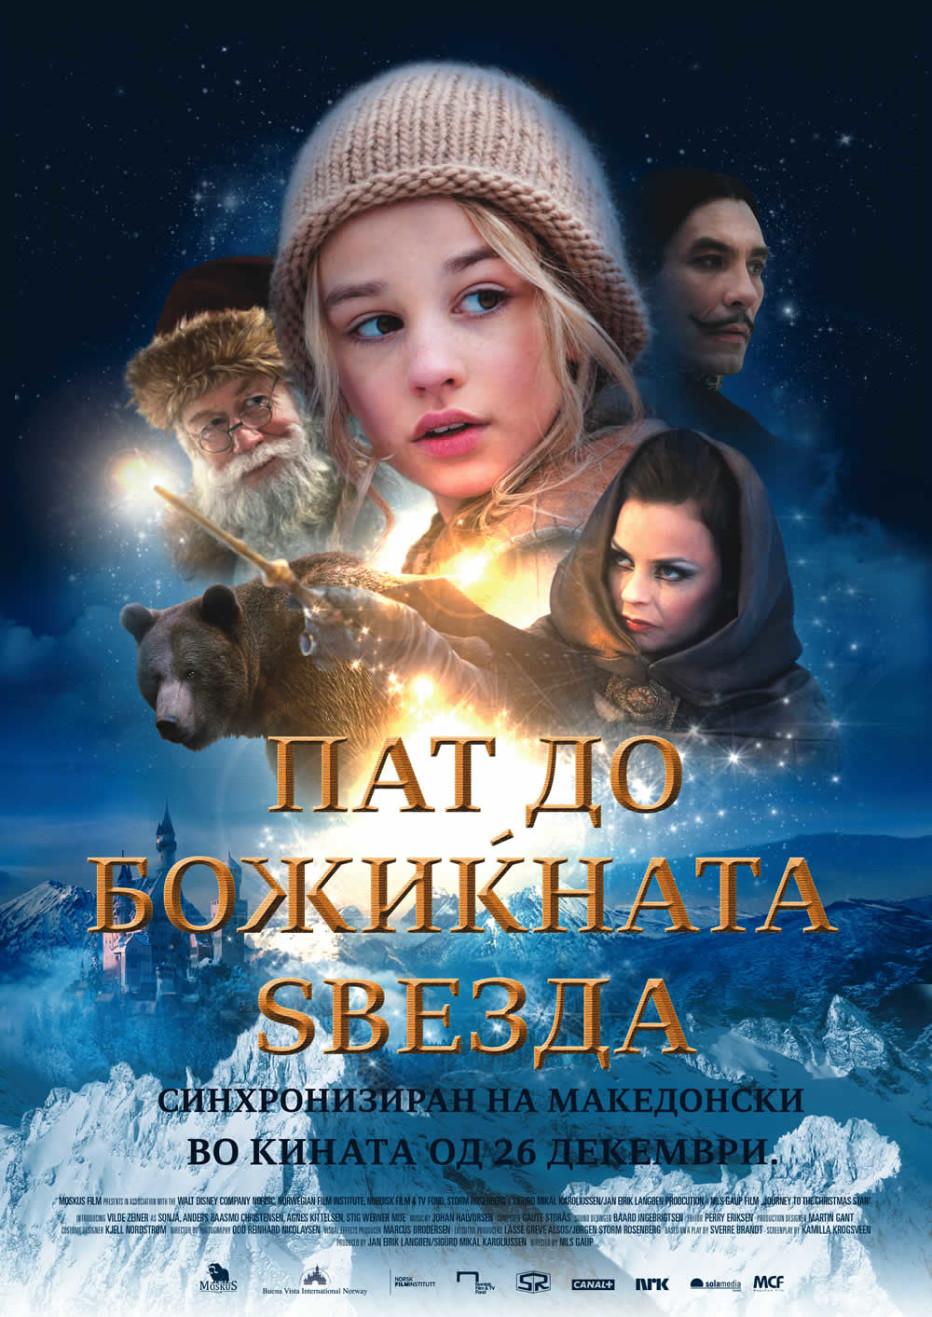 Пат до Божиќната ѕвезда (синхронизиран) (Journey to the Christmas star)